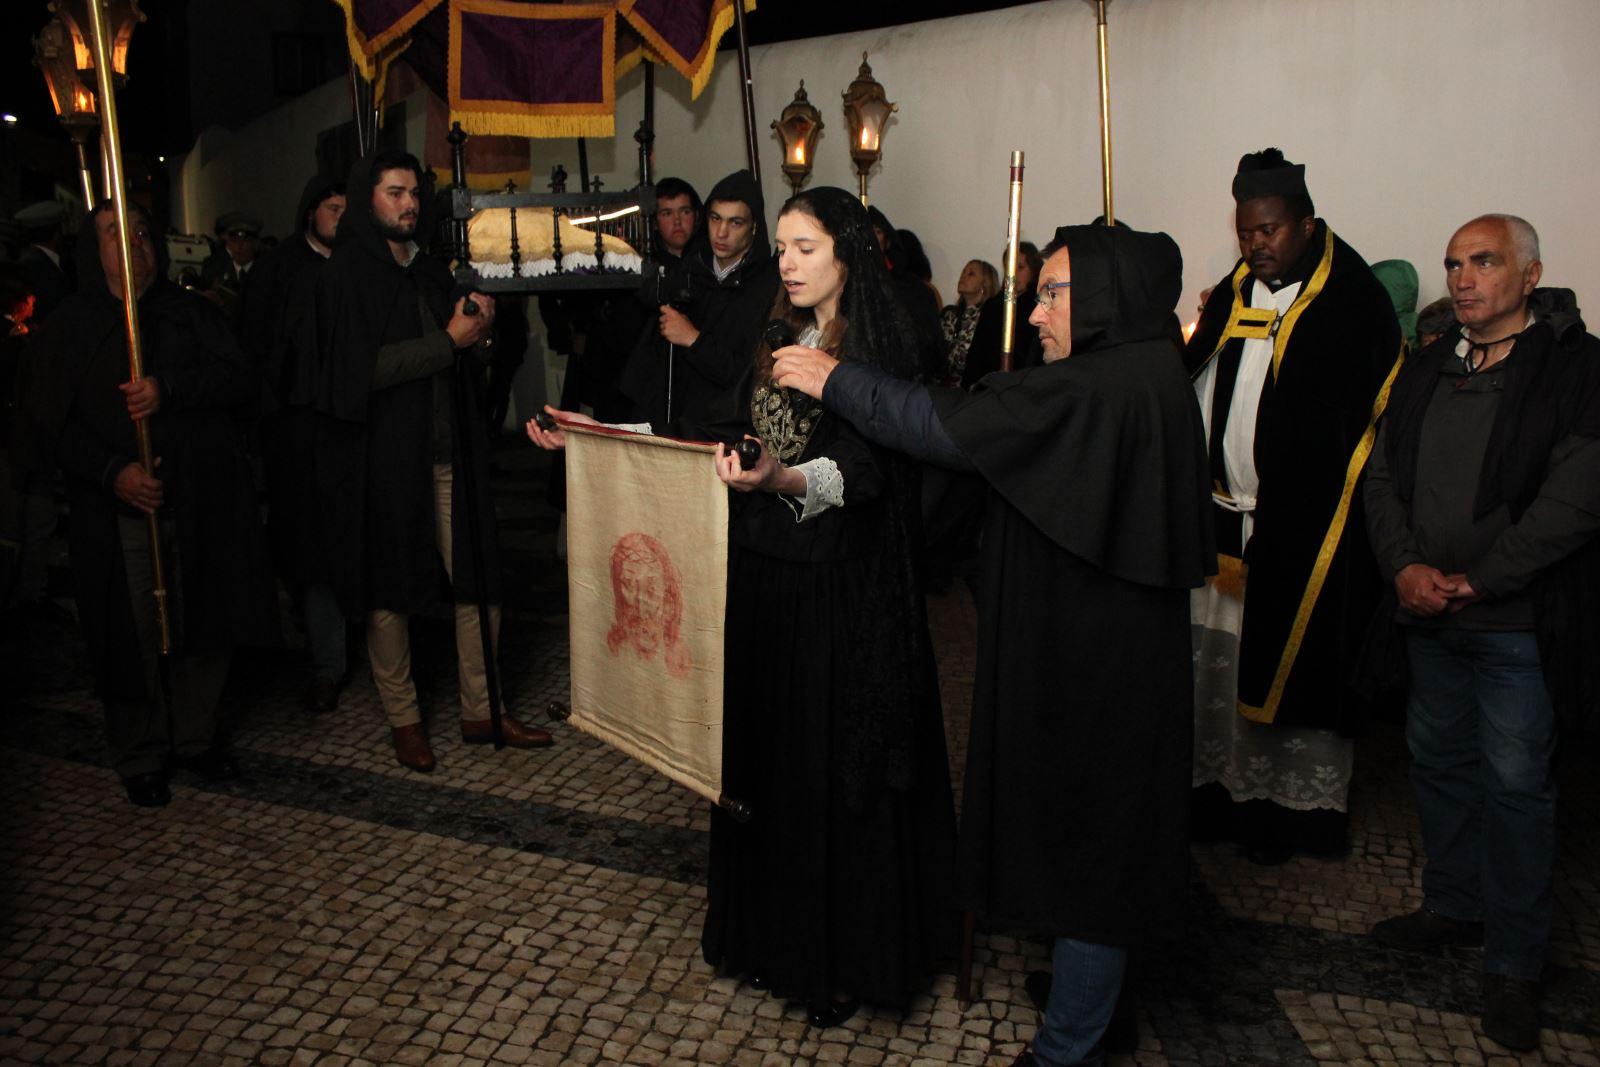 Alcáçovas | Comunidade em peso na Procissão do Senhor Morto